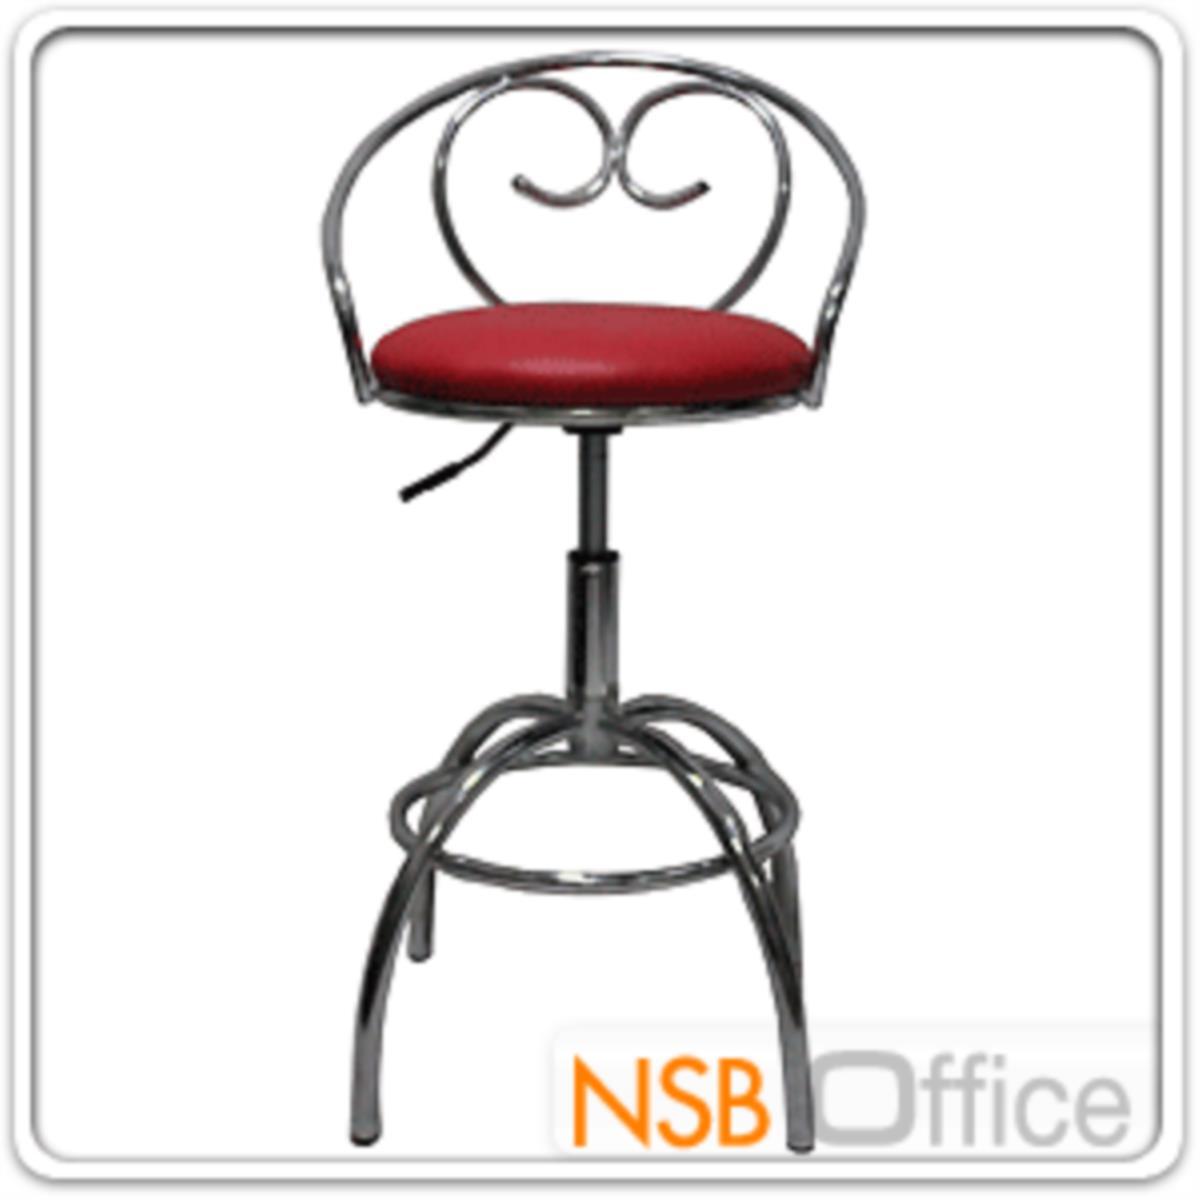 เก้าอี้บาร์สตูลที่นั่งกลม รุ่น Olinda (โอลินดา)  โช๊คแก๊ส ขาเหล็กชุบโครเมี่ยม